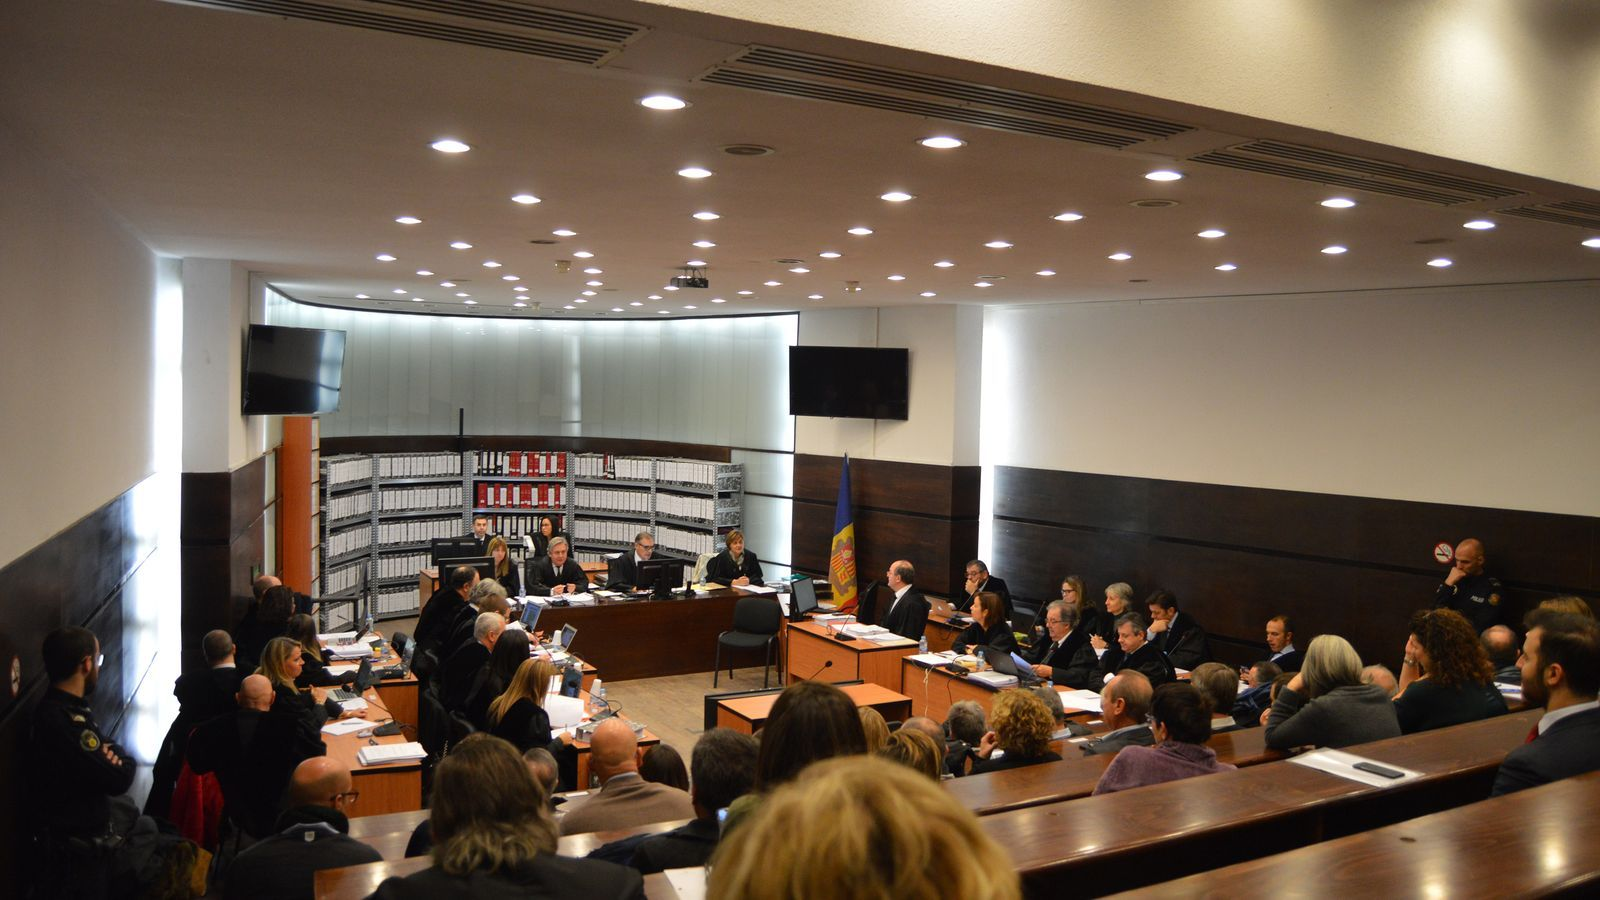 Una imatge de la sala on se celebra, des d'aquest dilluns, el judici pel 'cas Gao Ping'. / M. F. (ANA)